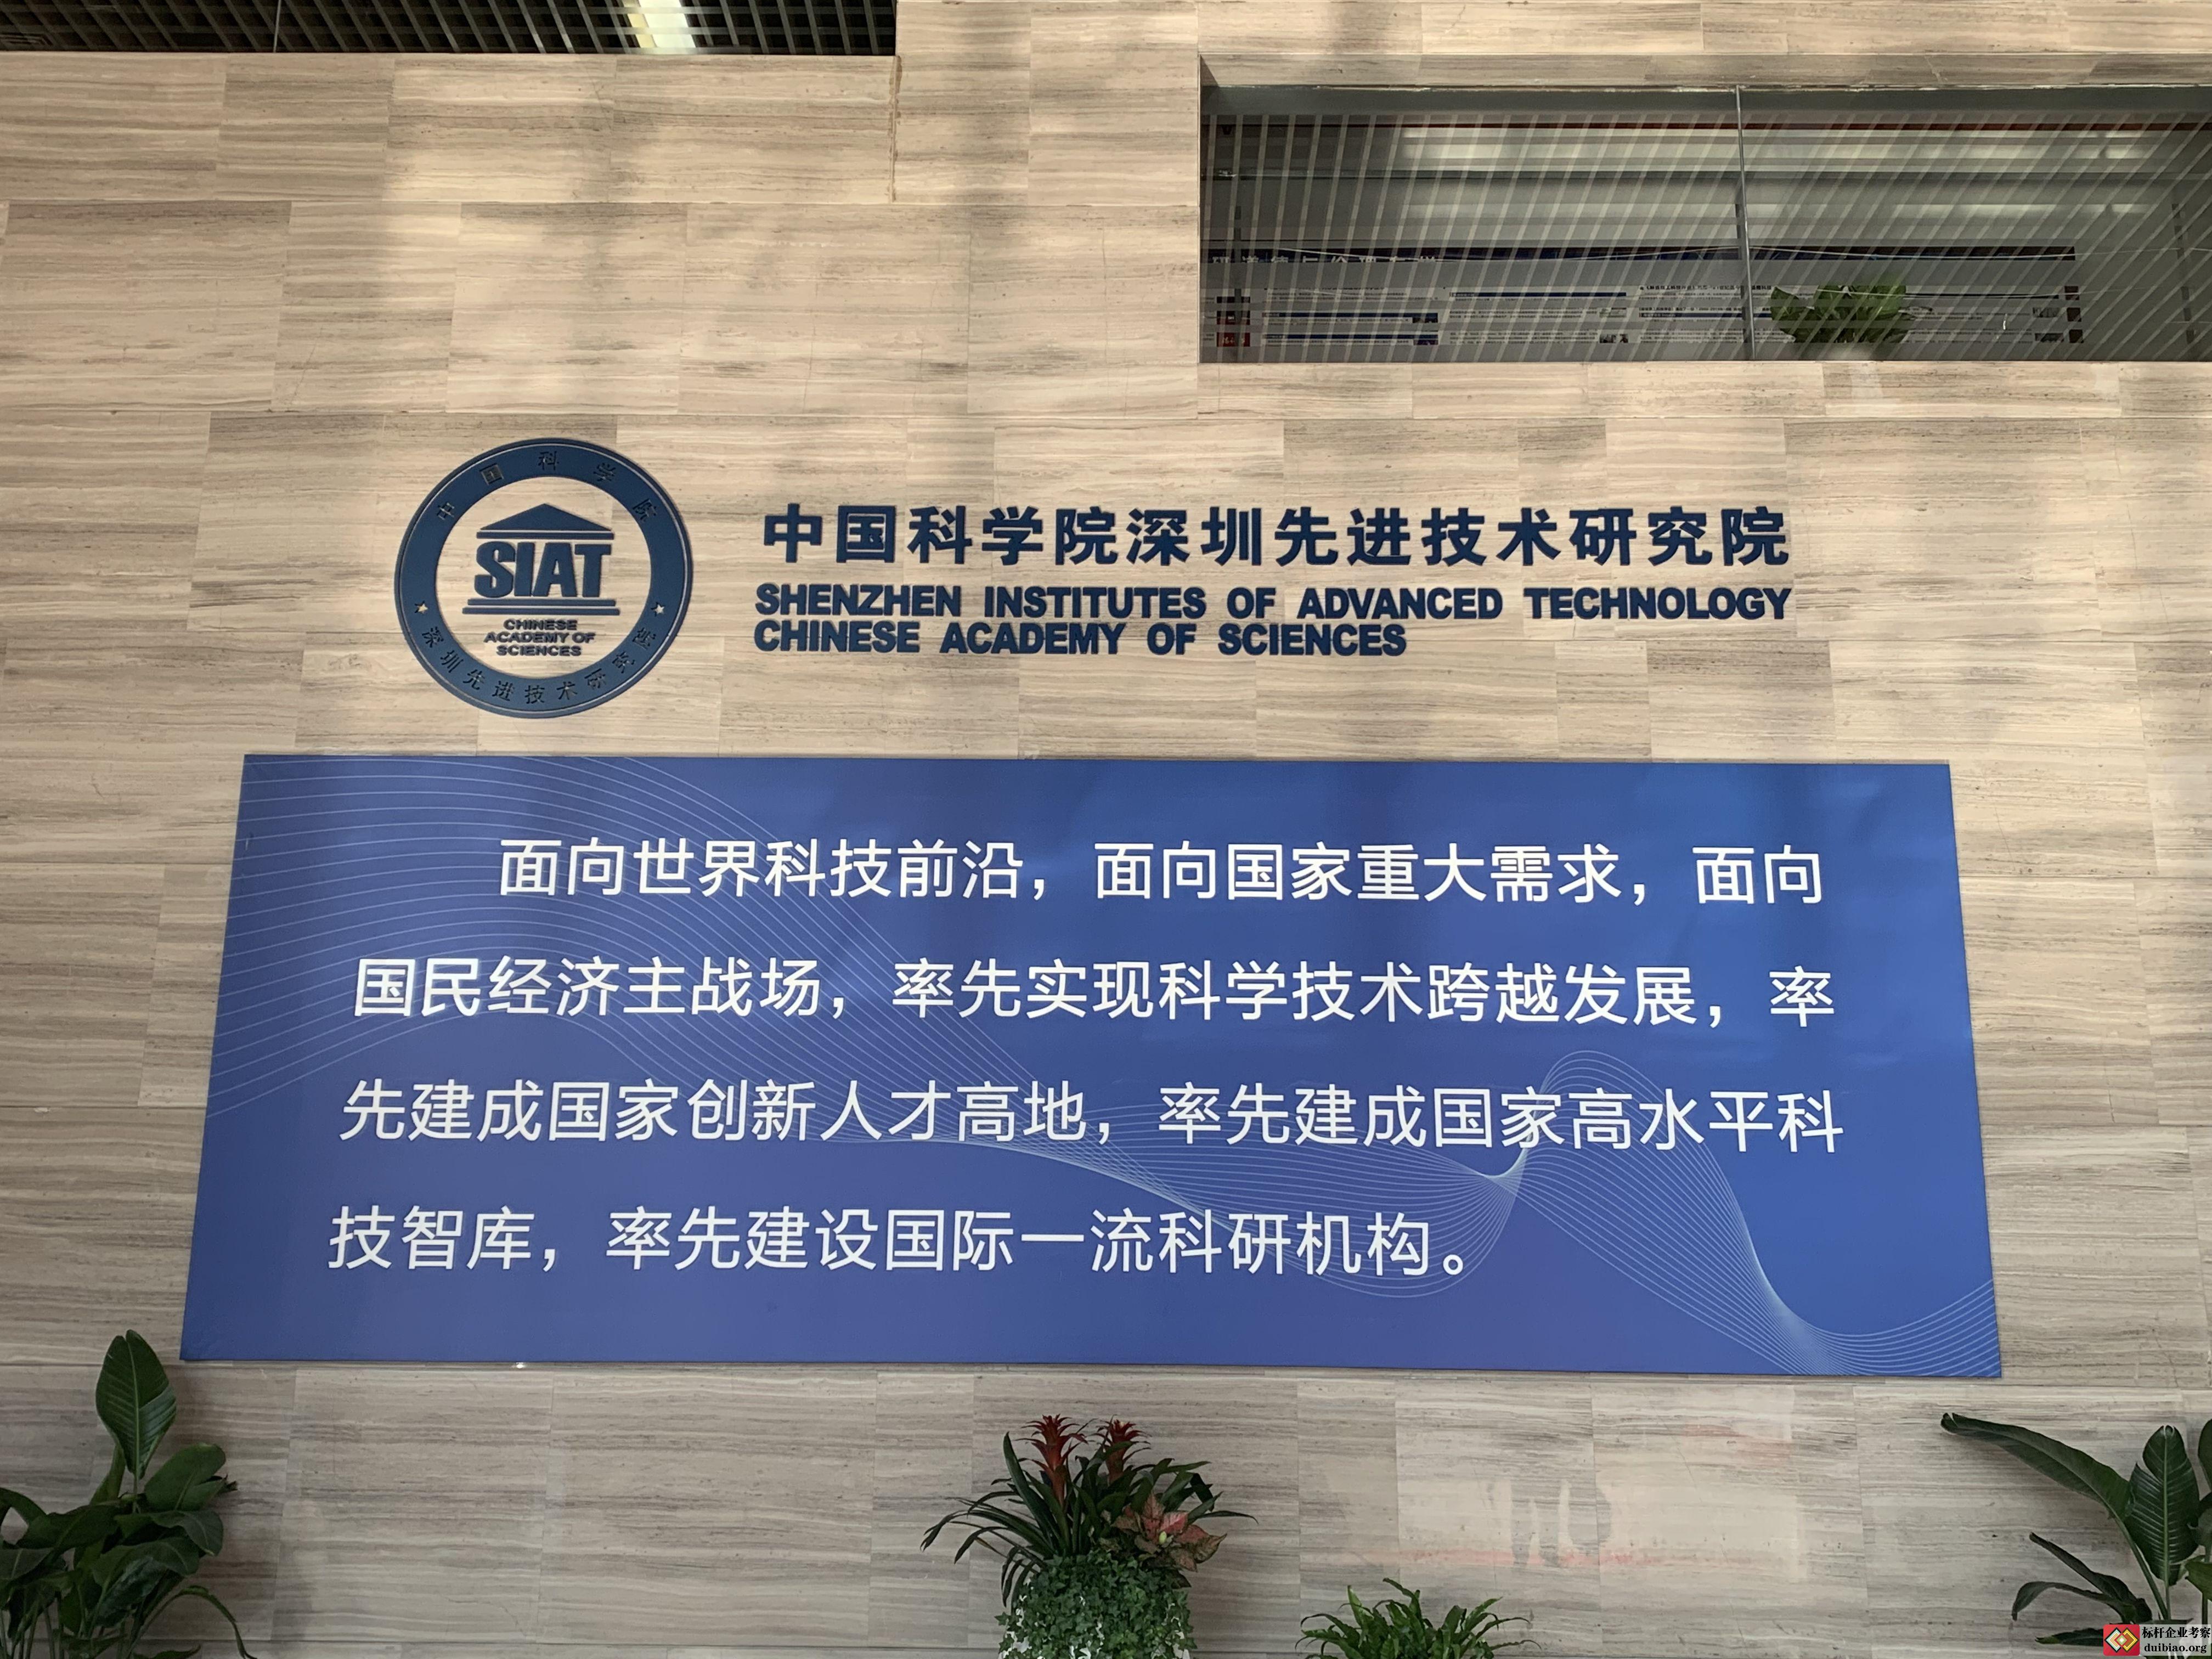 深圳先进制造研究院